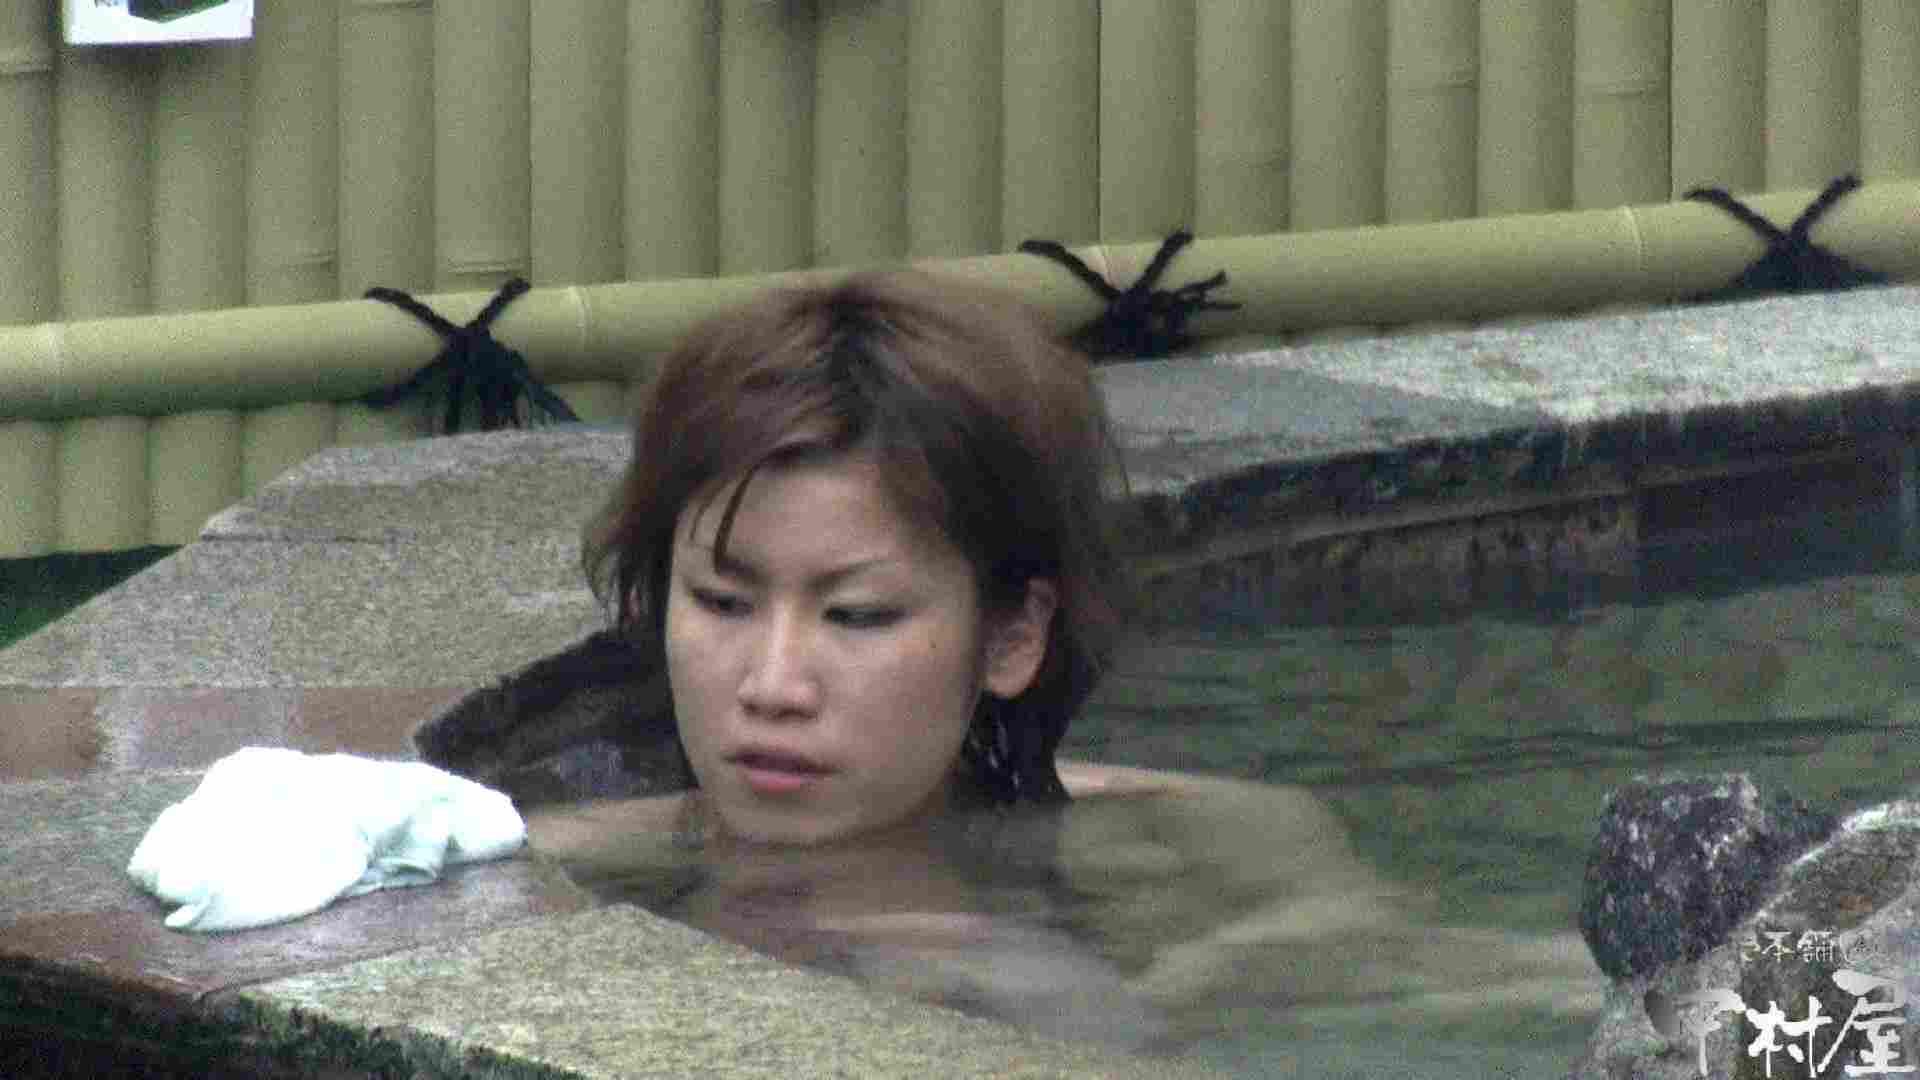 Aquaな露天風呂Vol.918 OL  101pic 84